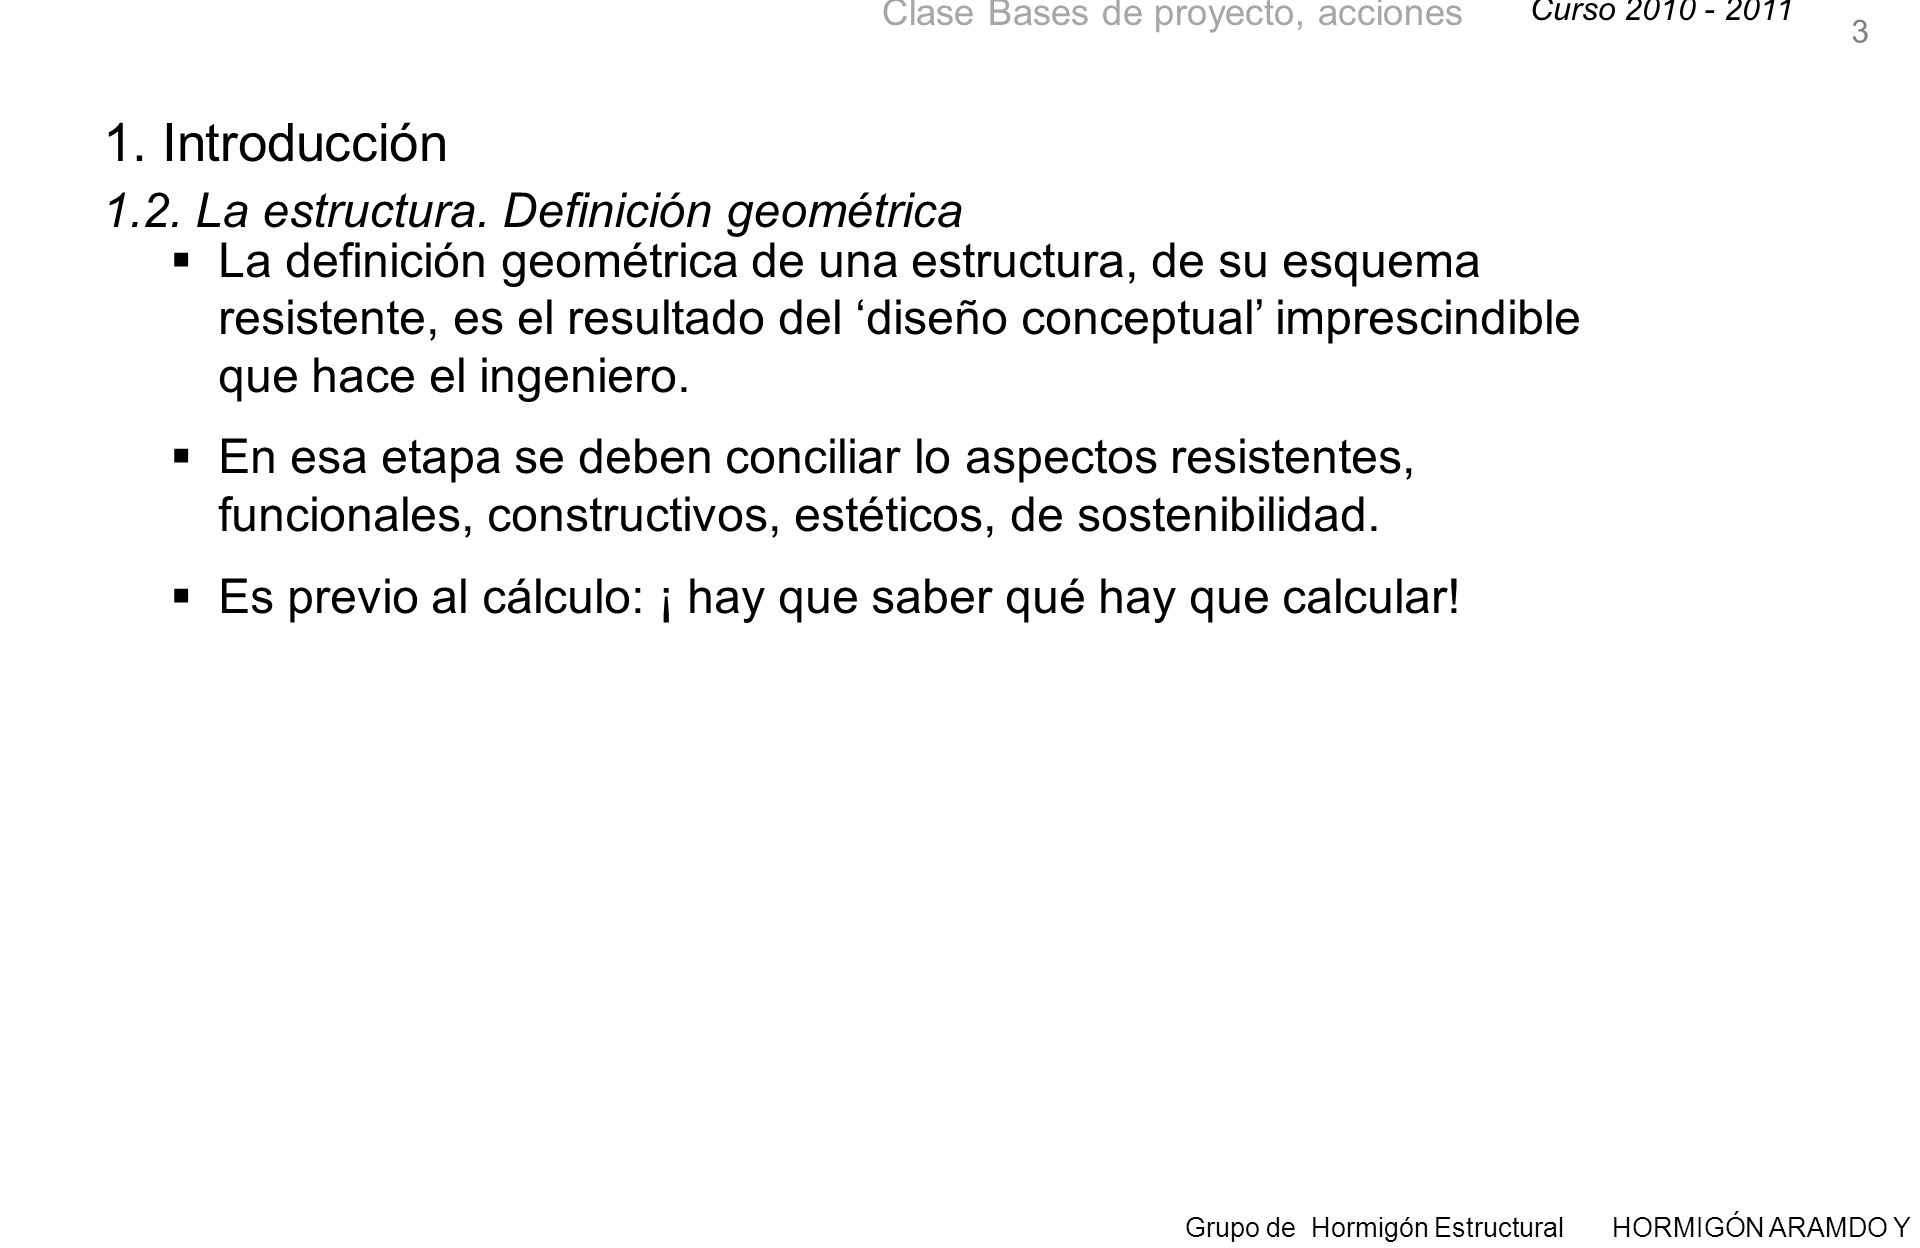 Curso 2010 - 2011 Grupo de Hormigón Estructural HORMIGÓN ARAMDO Y PRETENSADO II Clase Bases de proyecto, acciones 1.2.